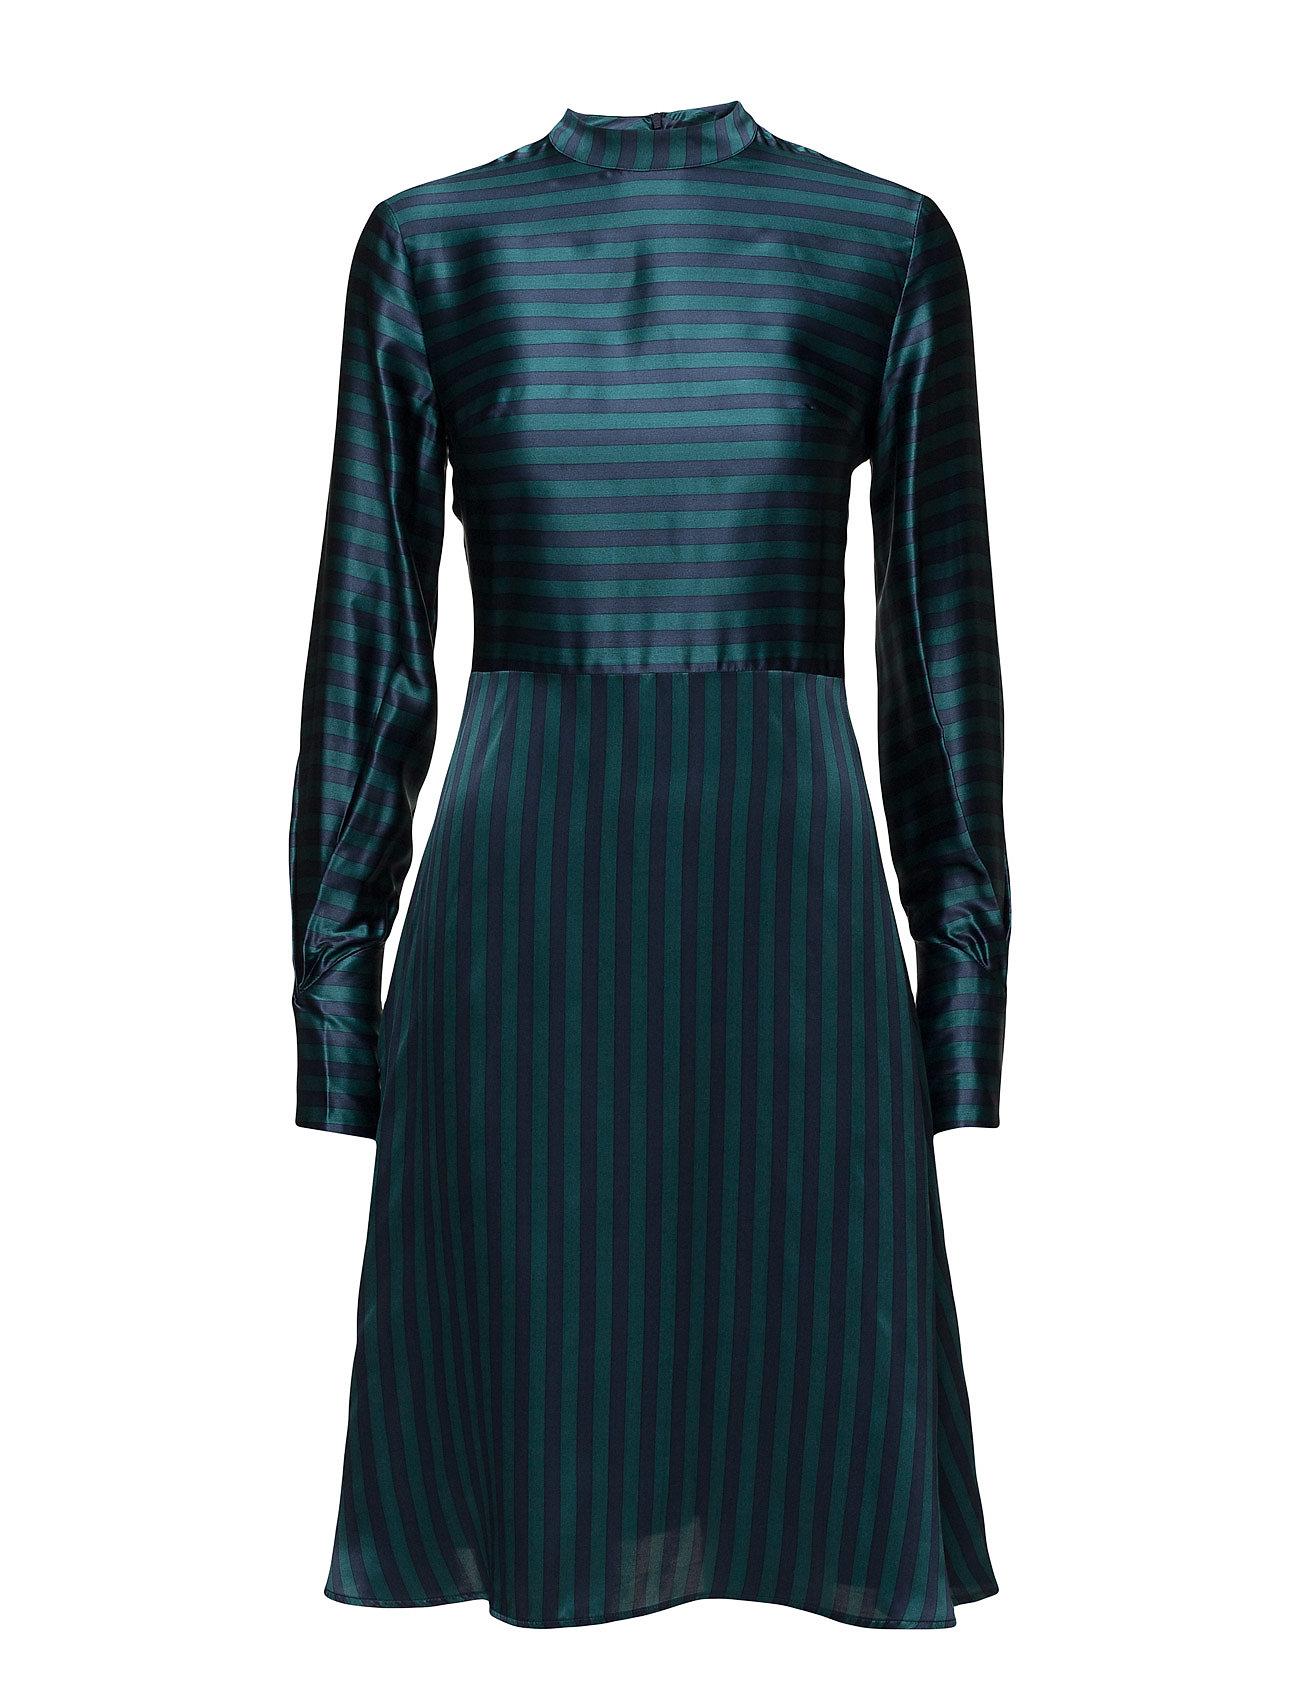 Lovechild 1979 Suniva Dress